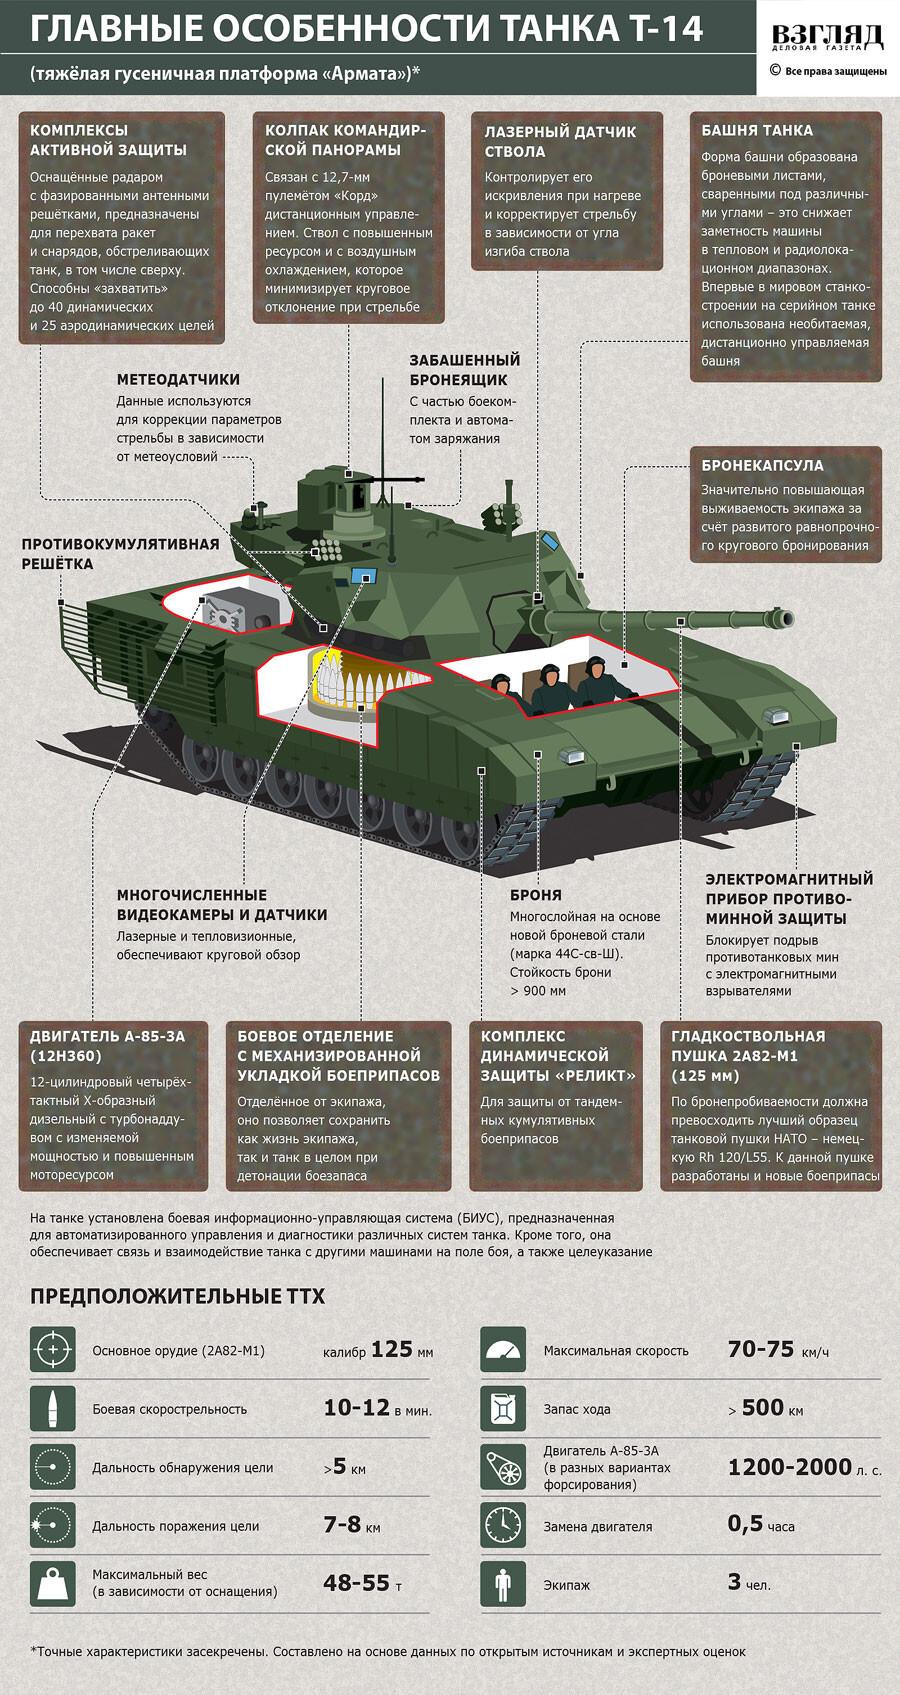 Главные особенности танка Т-14